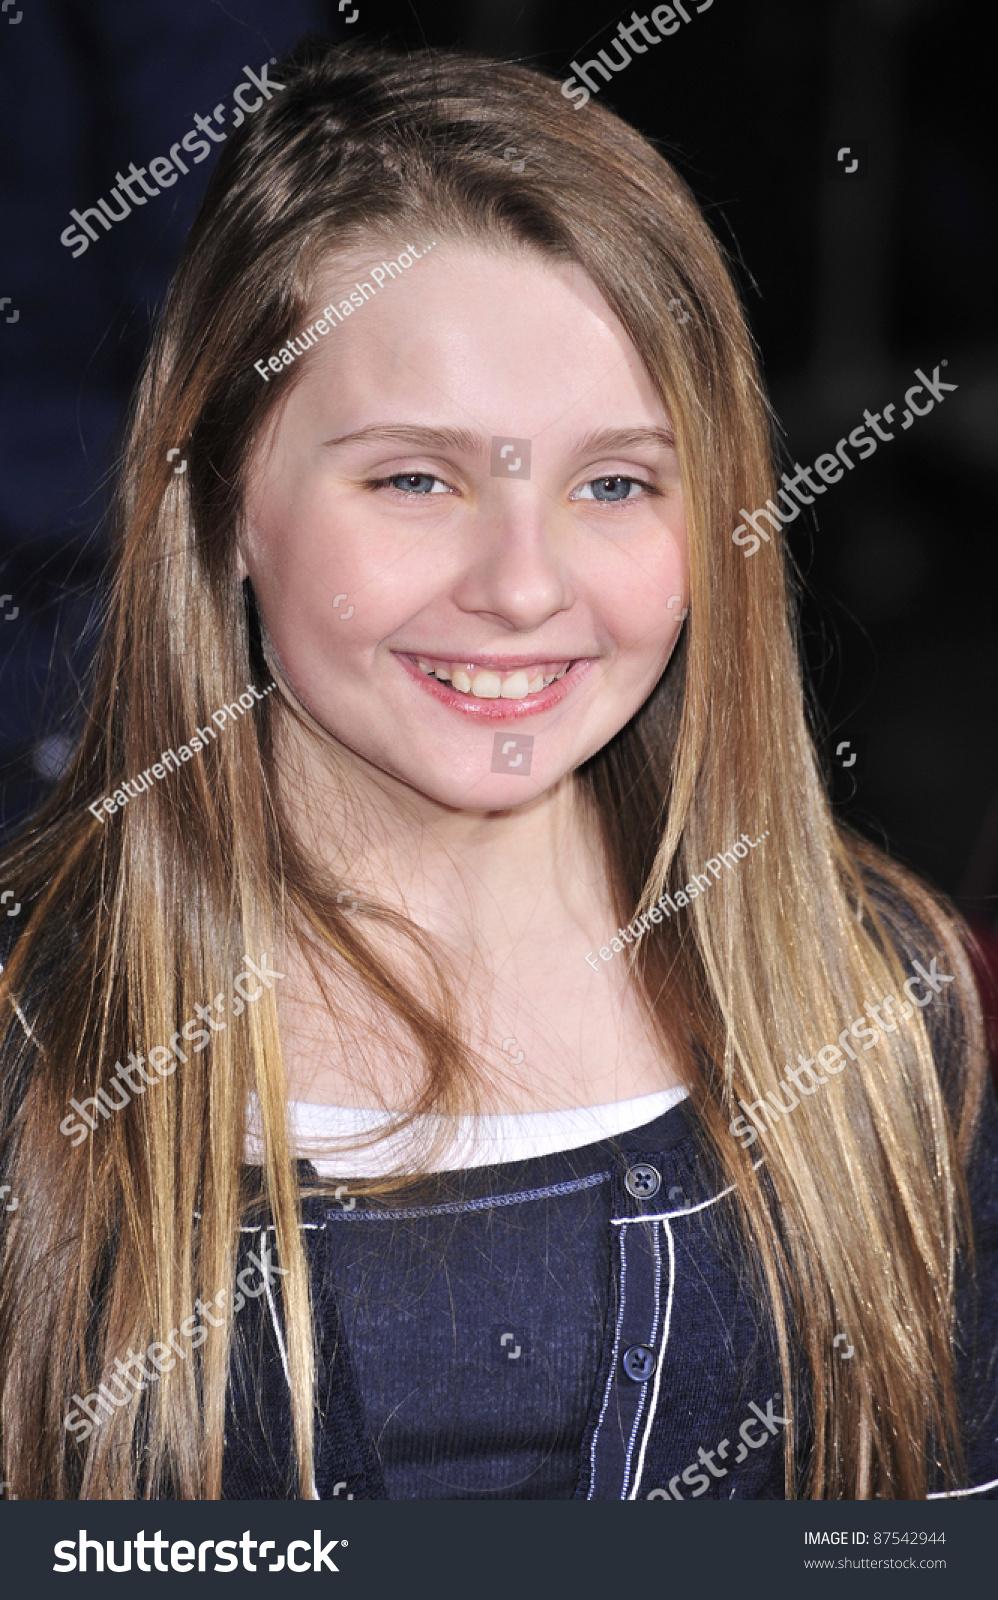 Abigail Droeger